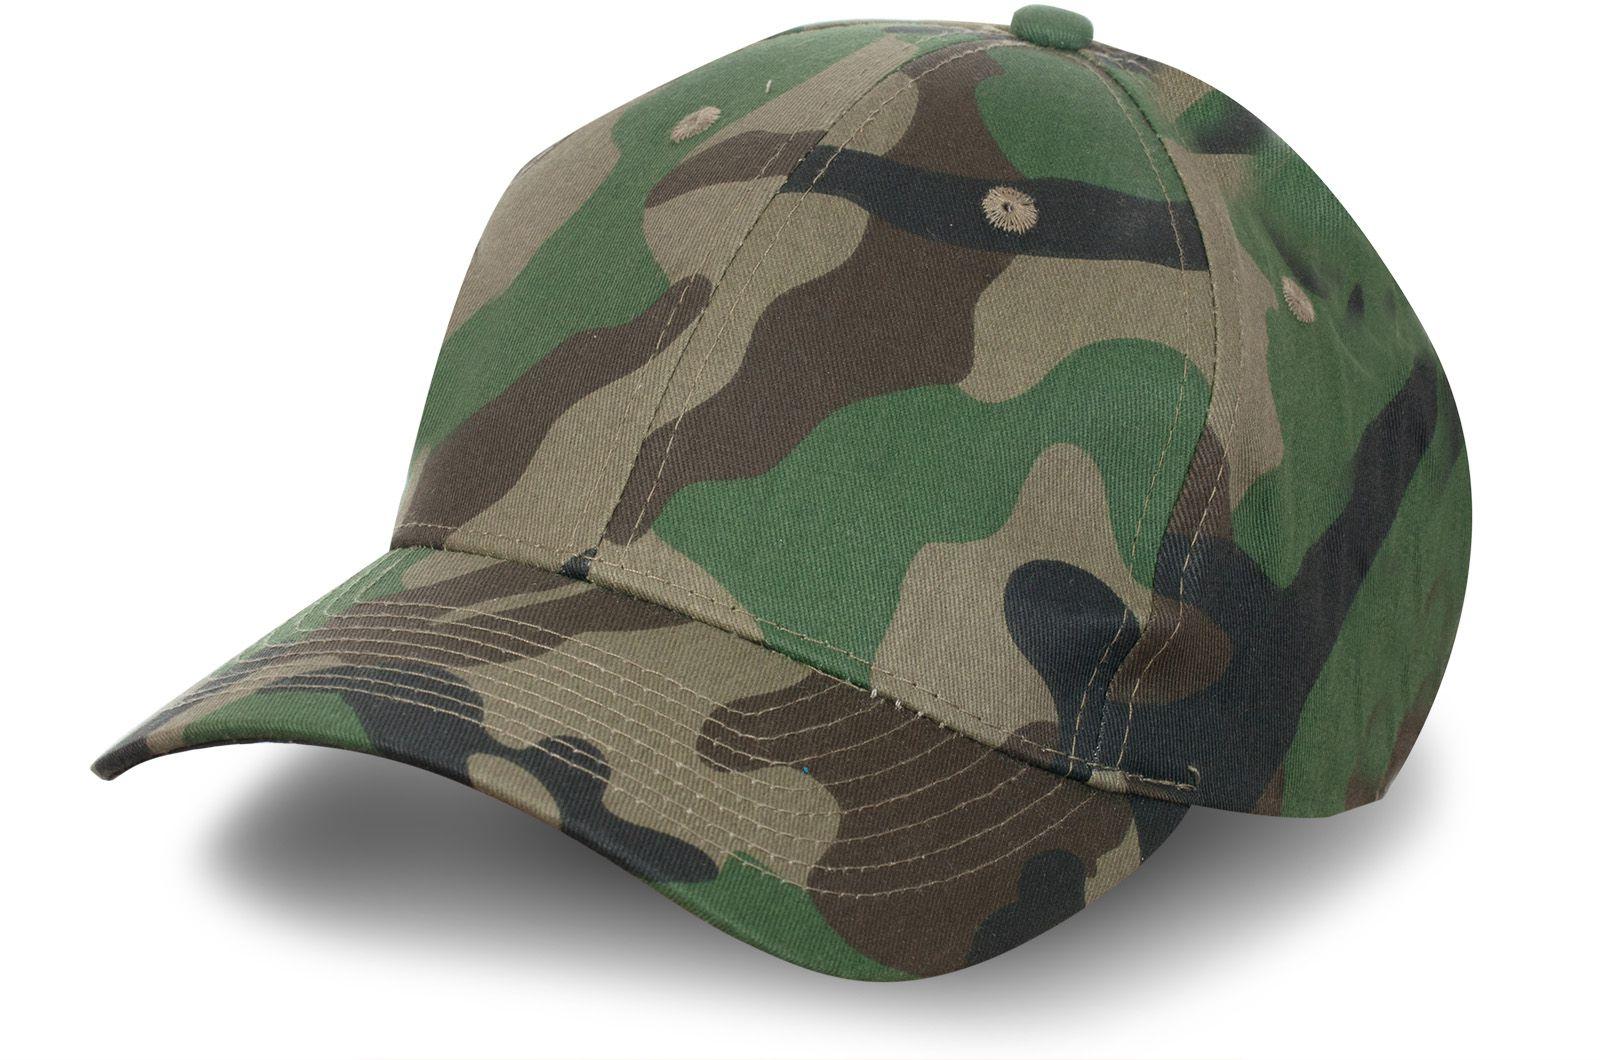 Тактическая кепка - купить в интернет-магазине с доставкой